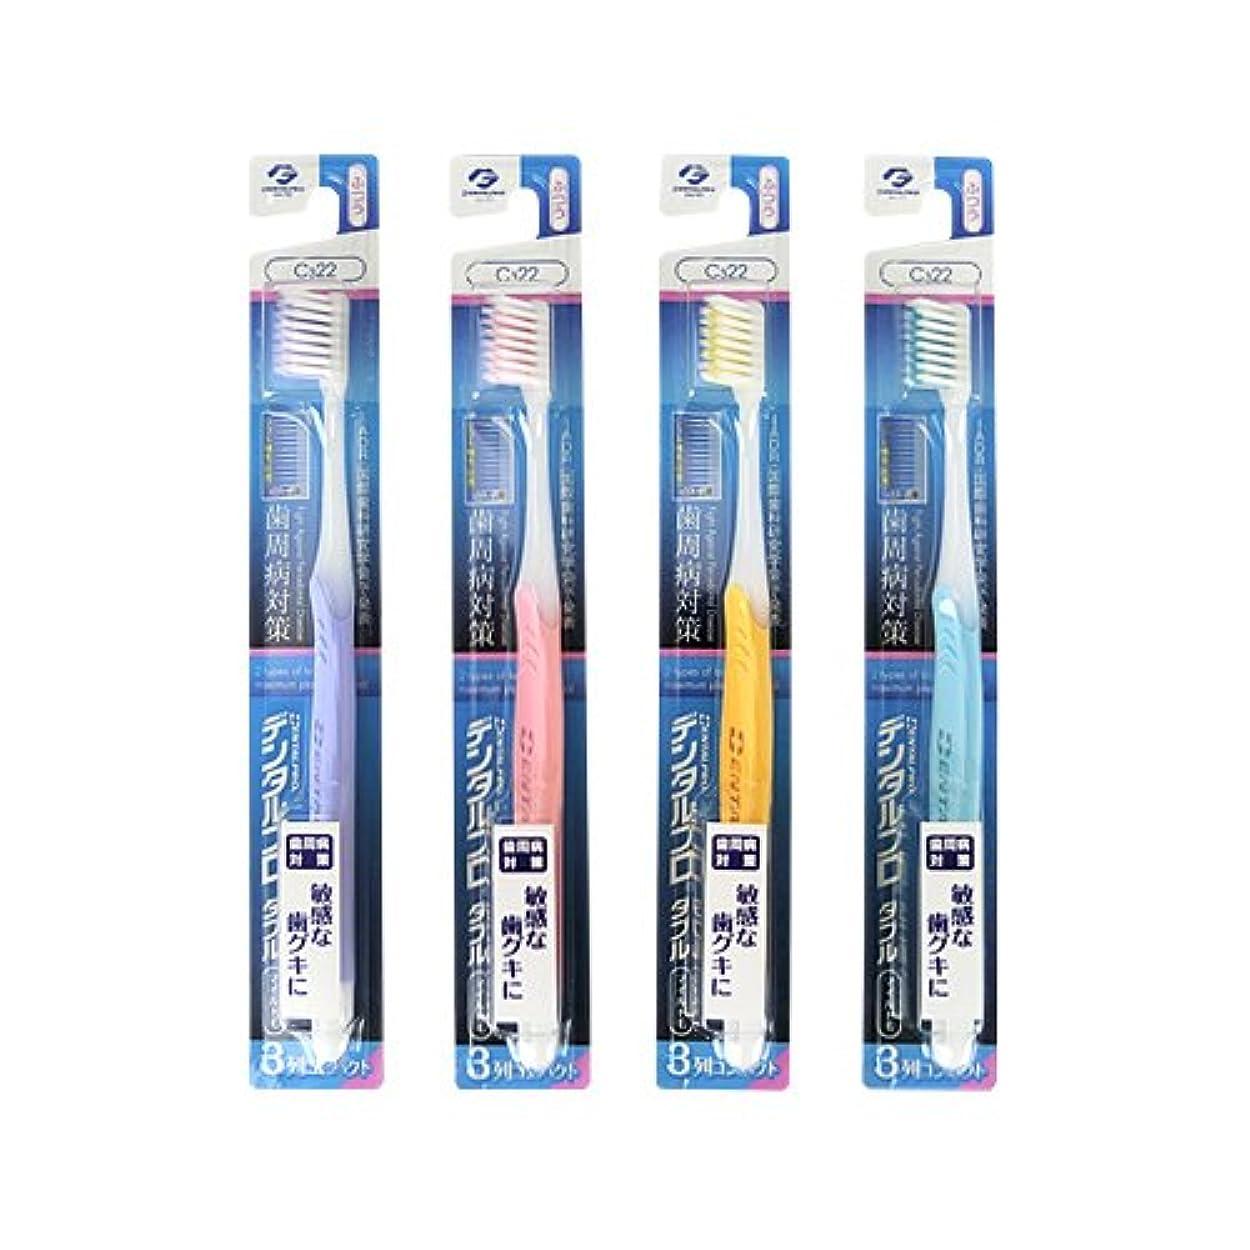 きれいにモードリン試用デンタルプロ ダブル マイルド 3列 歯ブラシ 1本 ふつう カラー指定なし